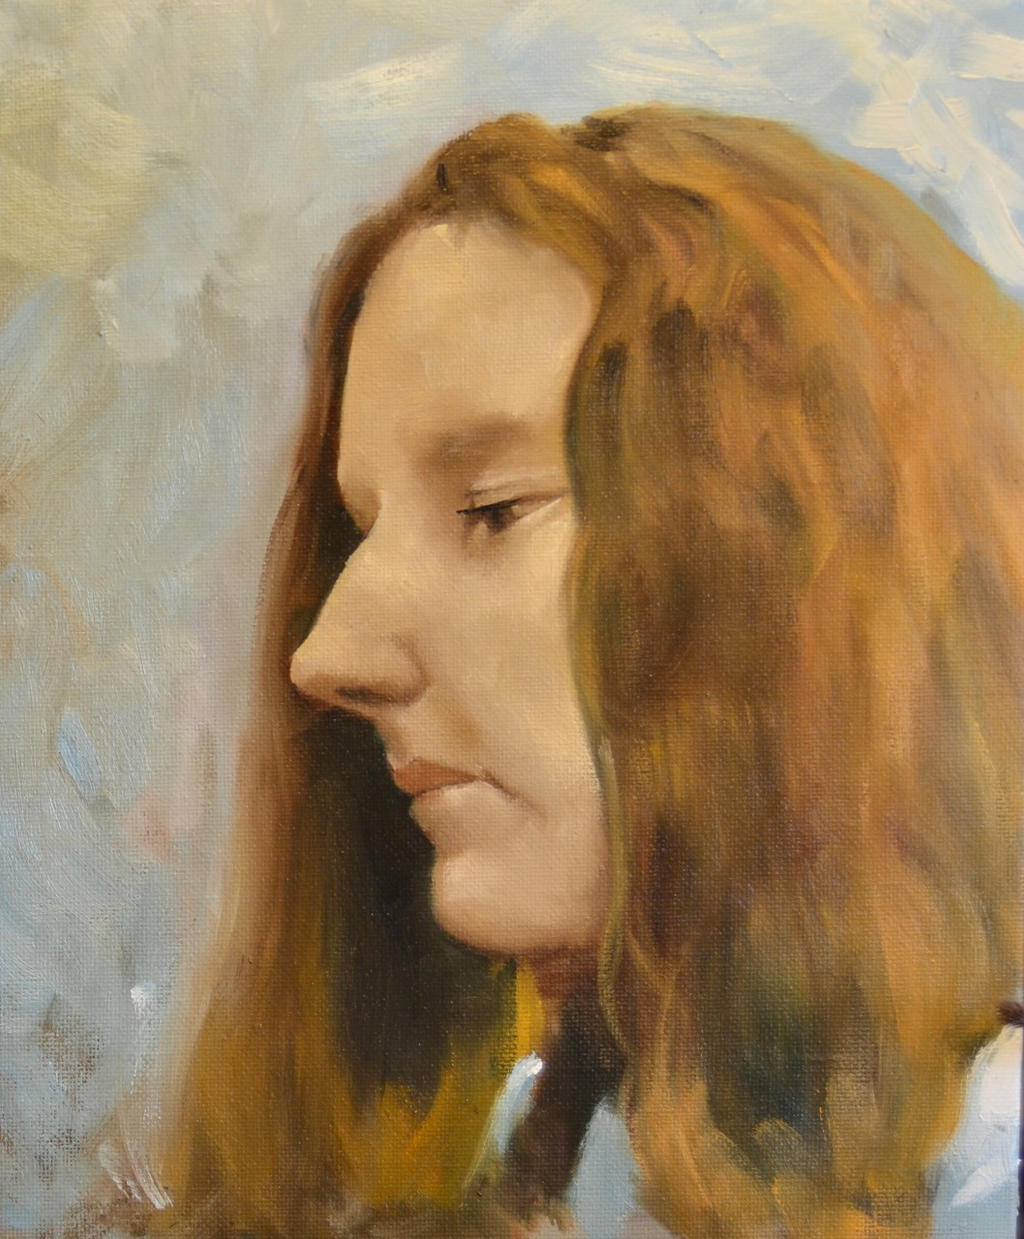 portrait sketch 2 by liquidclouds